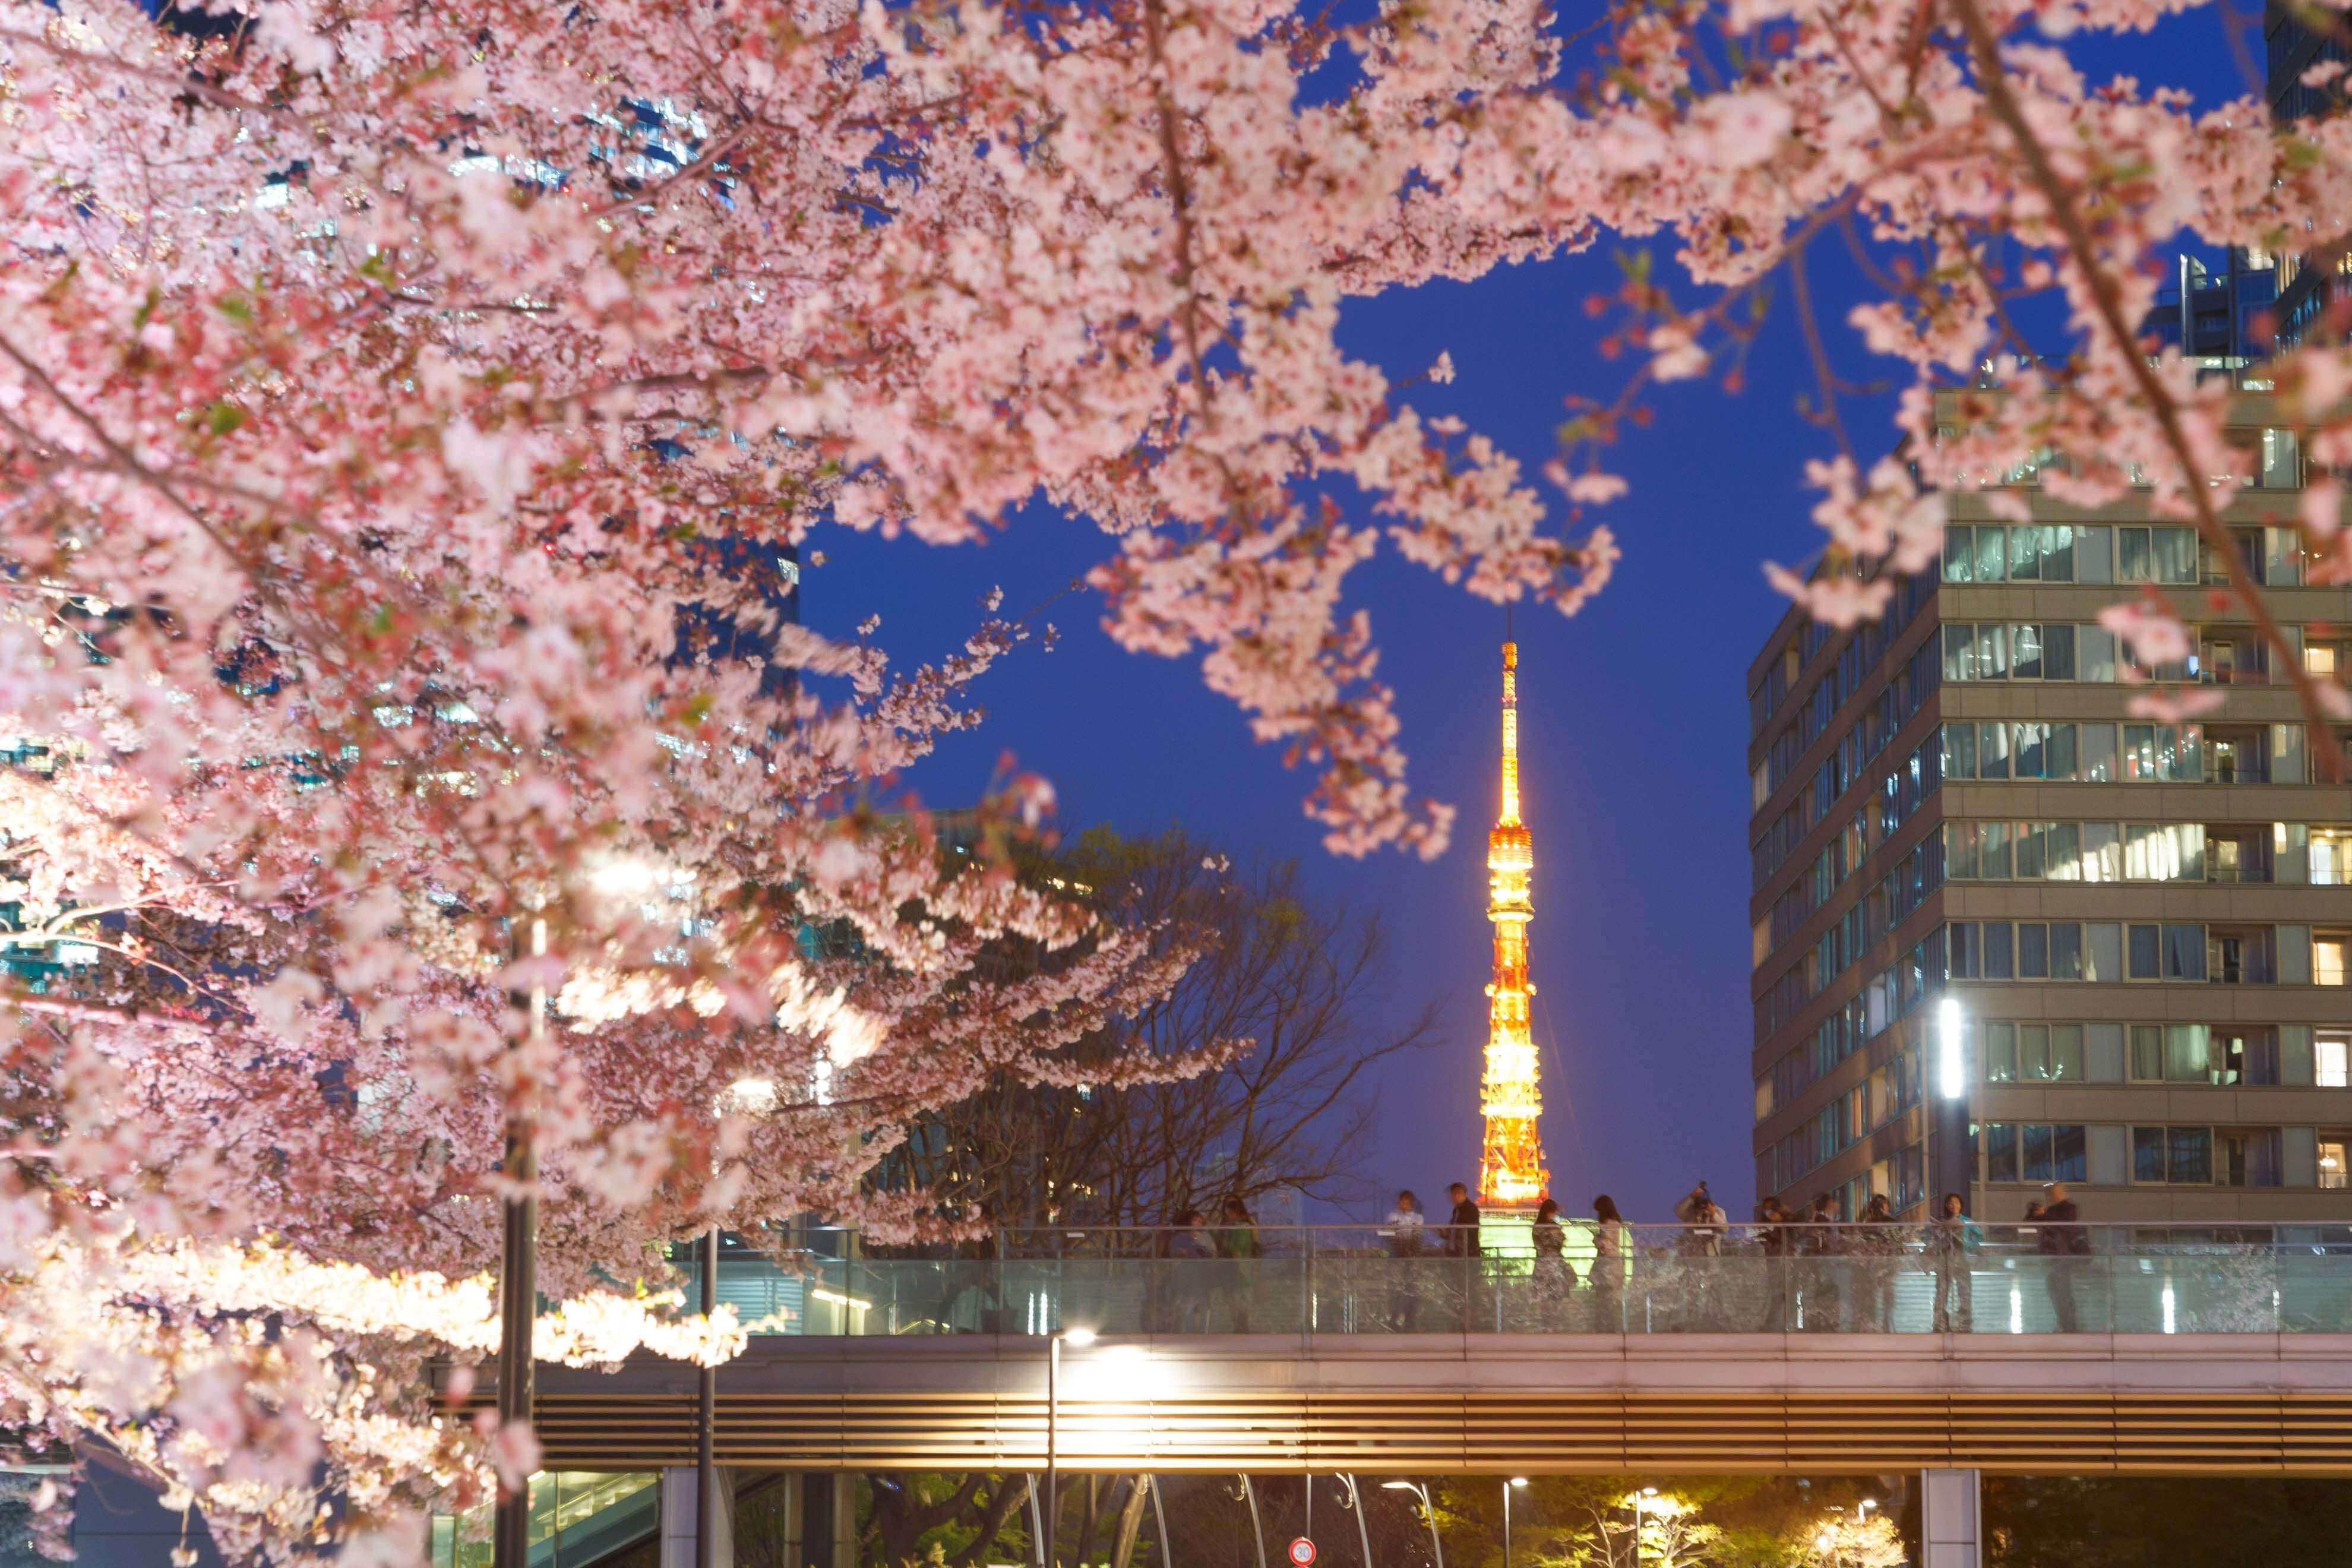 東京ミッドタウン 桜 イベント Sakura event MIDTOWN BLOSSOM 2020 6